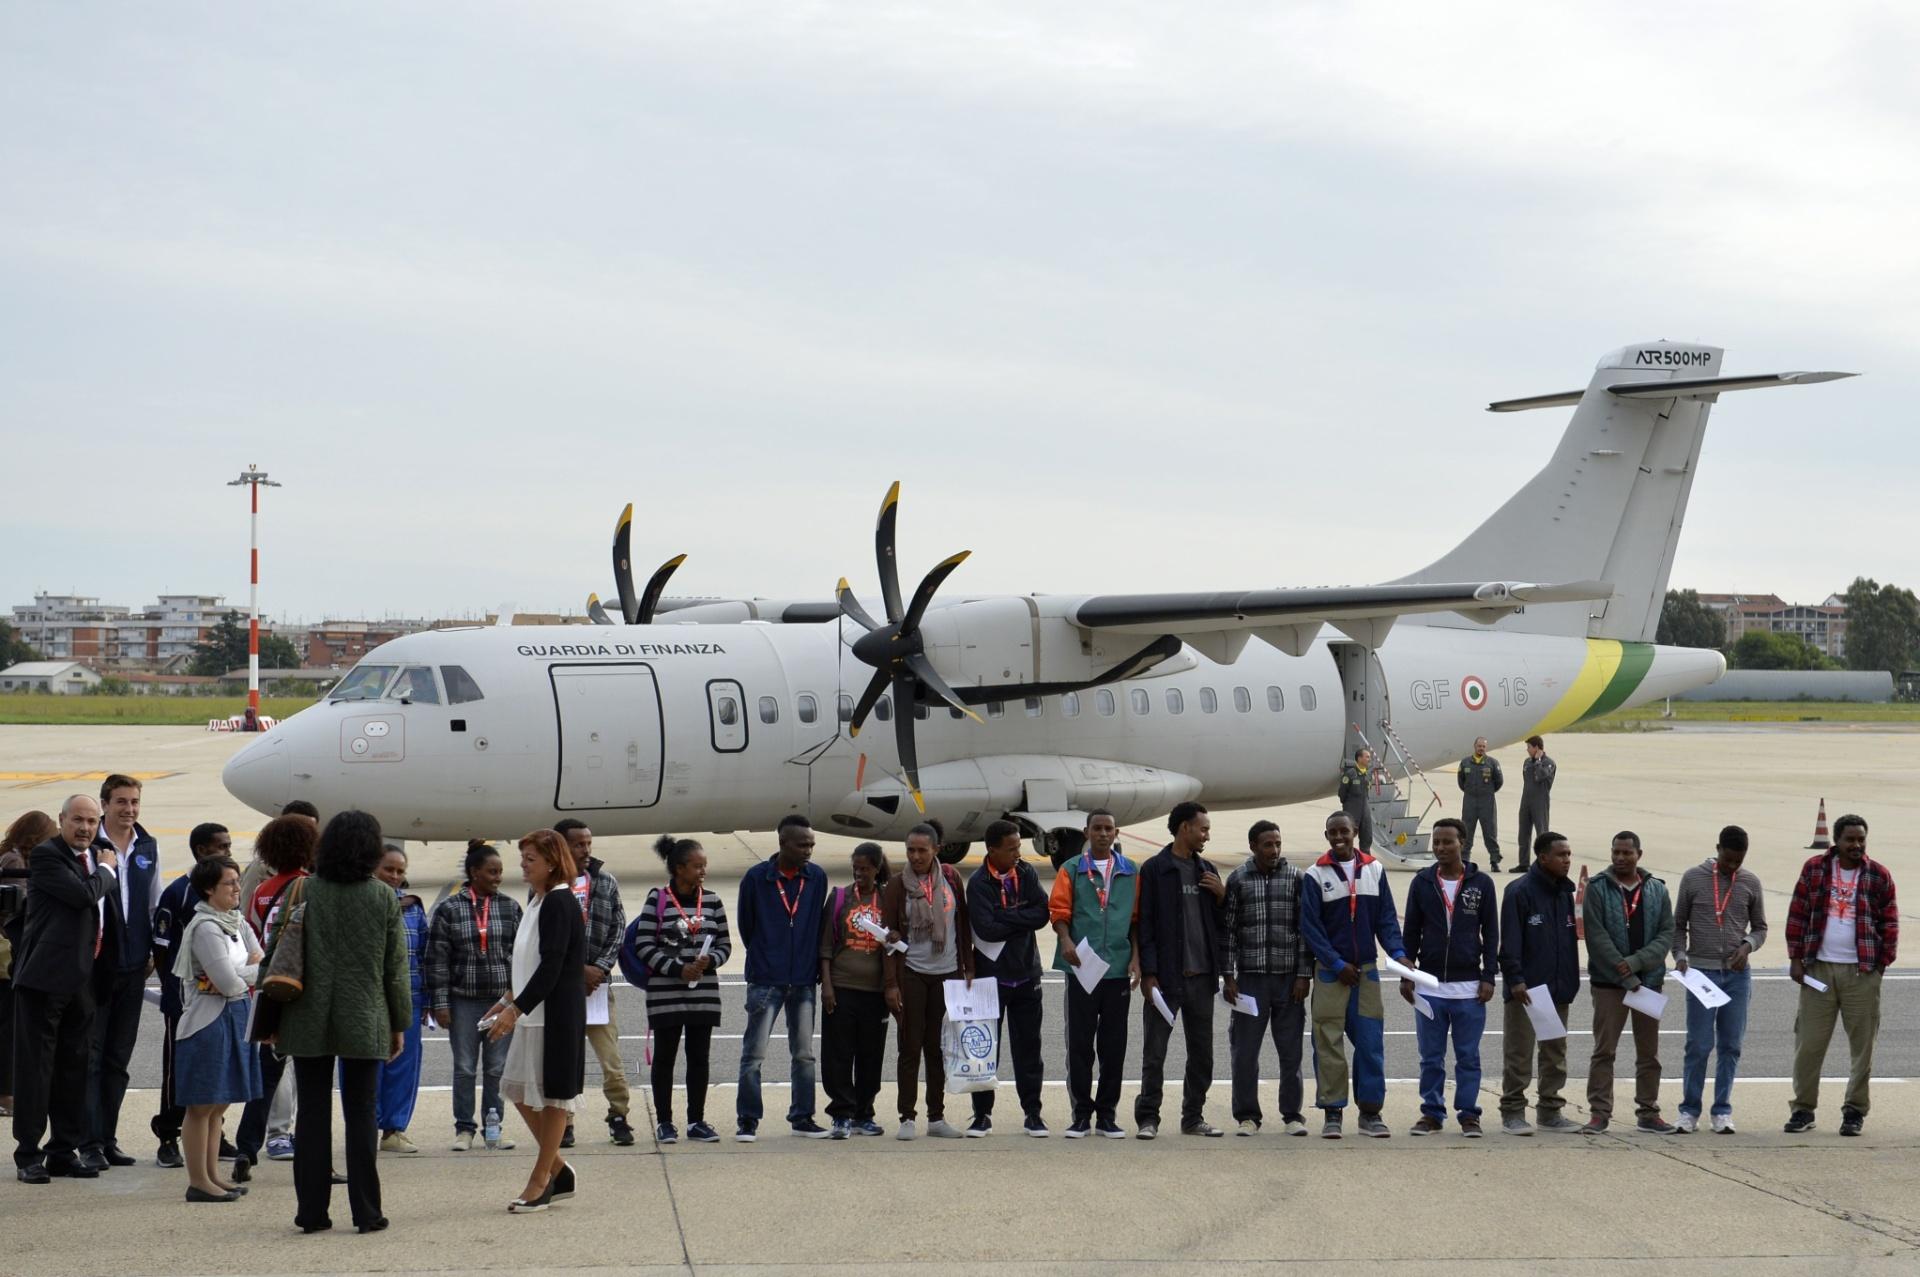 9.out.2015 - Grupo de refugiados da Eritreia se prepara para embarcar em avião rumo à Suécia, no aeroporto de Ciampino, em Roma (Itália). A viagem faz parte do novo programa da União Europeia para realocar refugiados em países do bloco